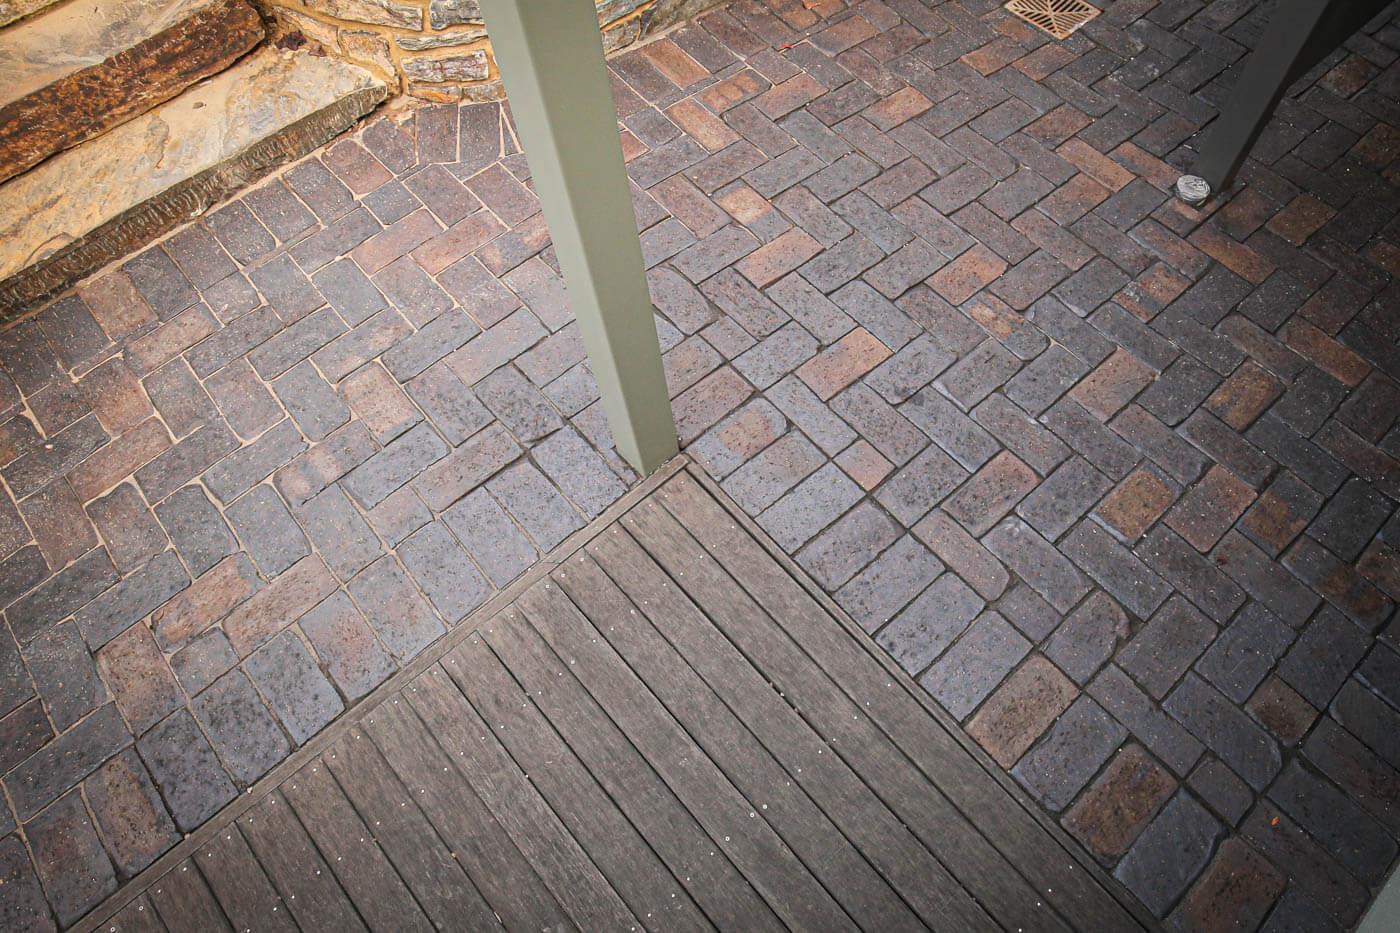 Mahogany Cobblestone Clay Pavers Littlehampton Brick Rs 9